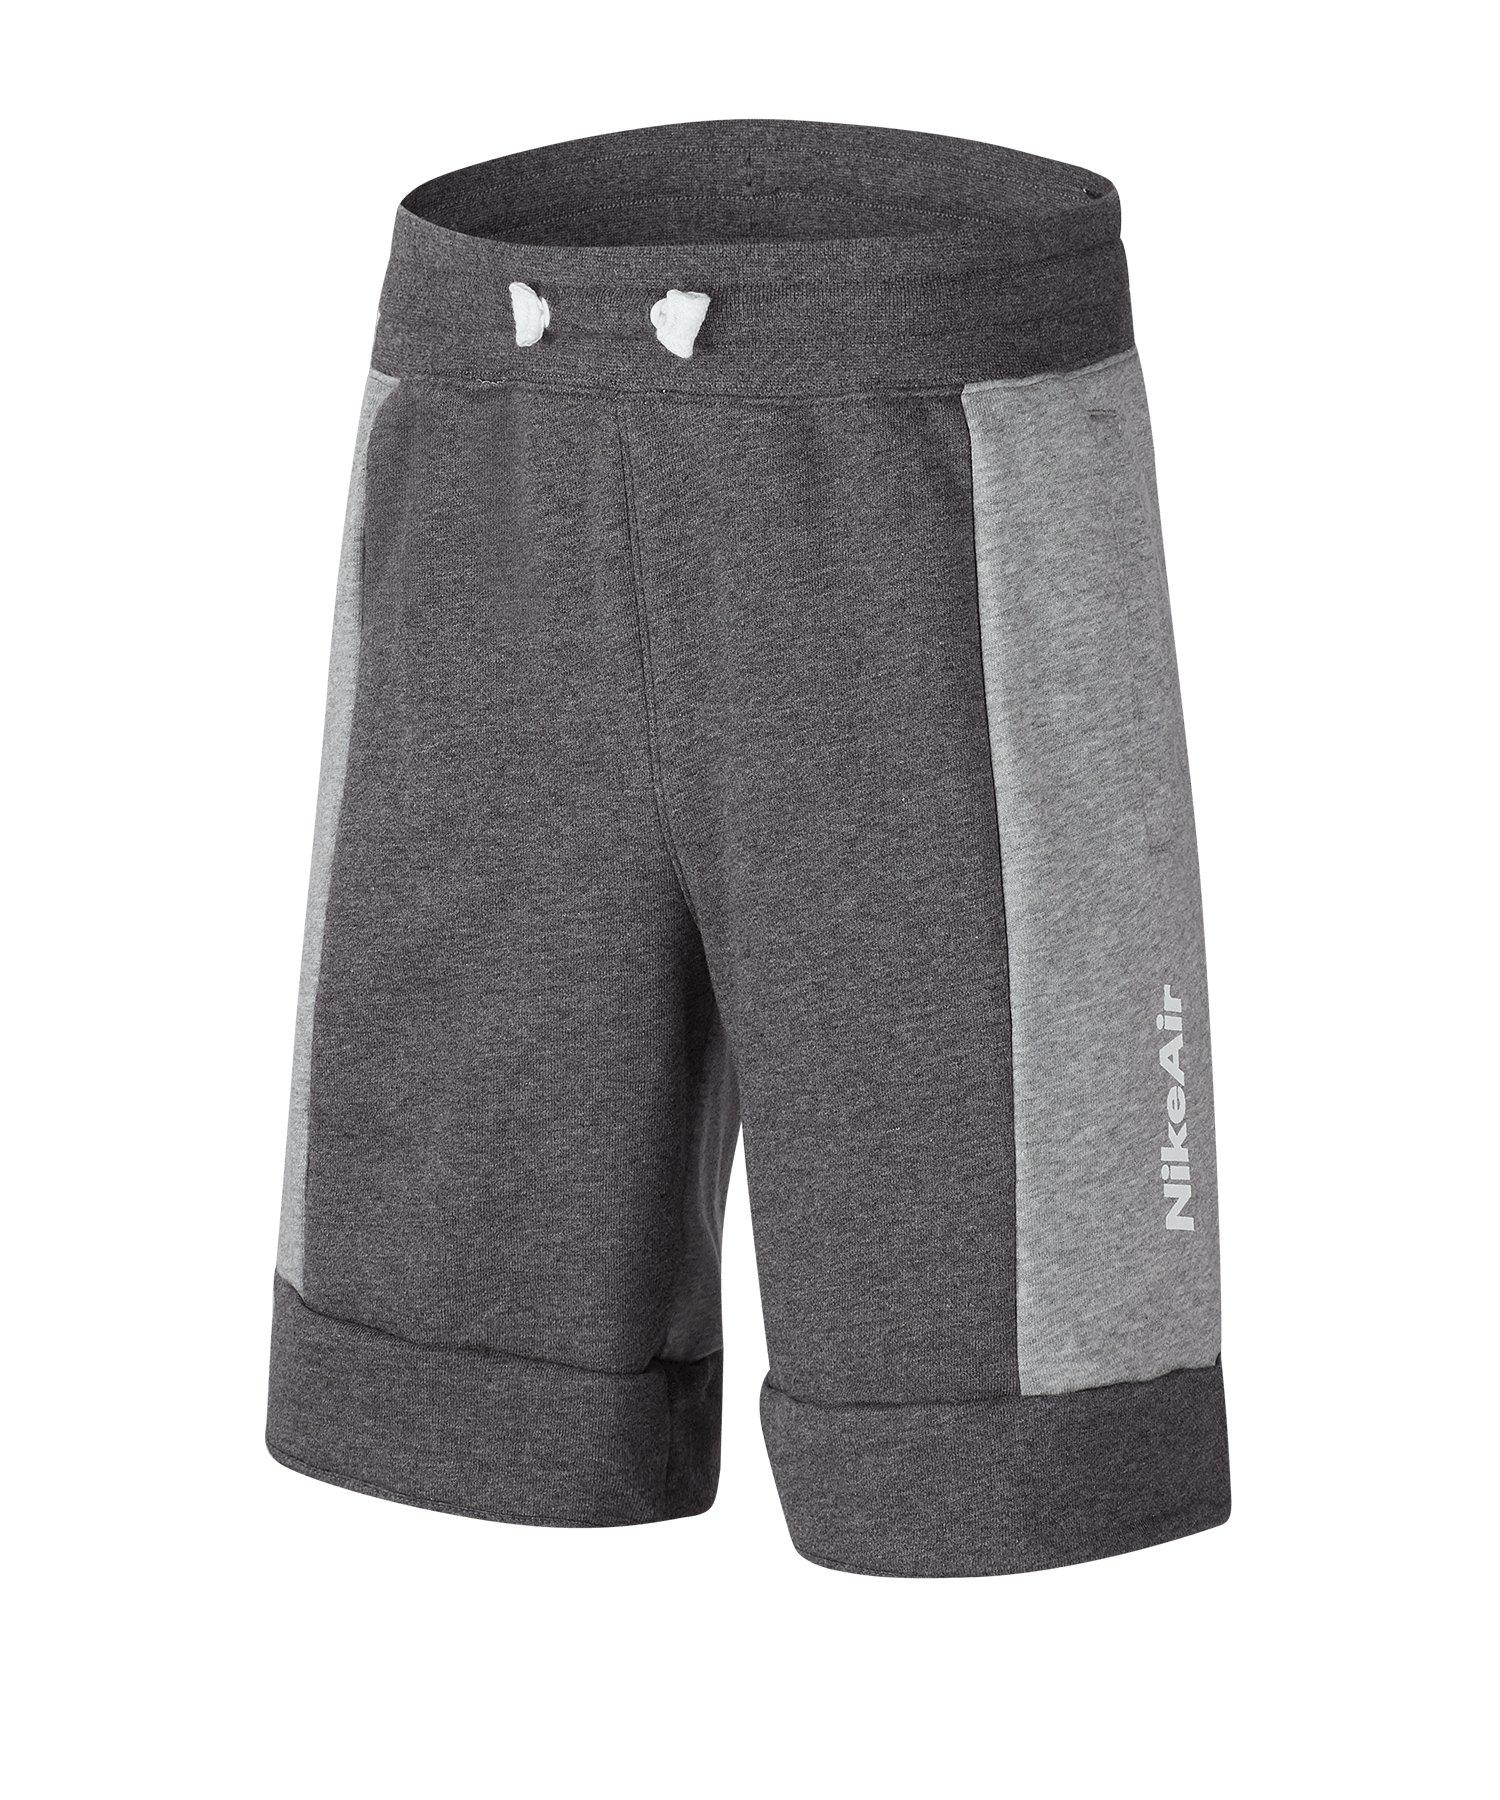 Nike Air Short Kids Grau F071 - grau